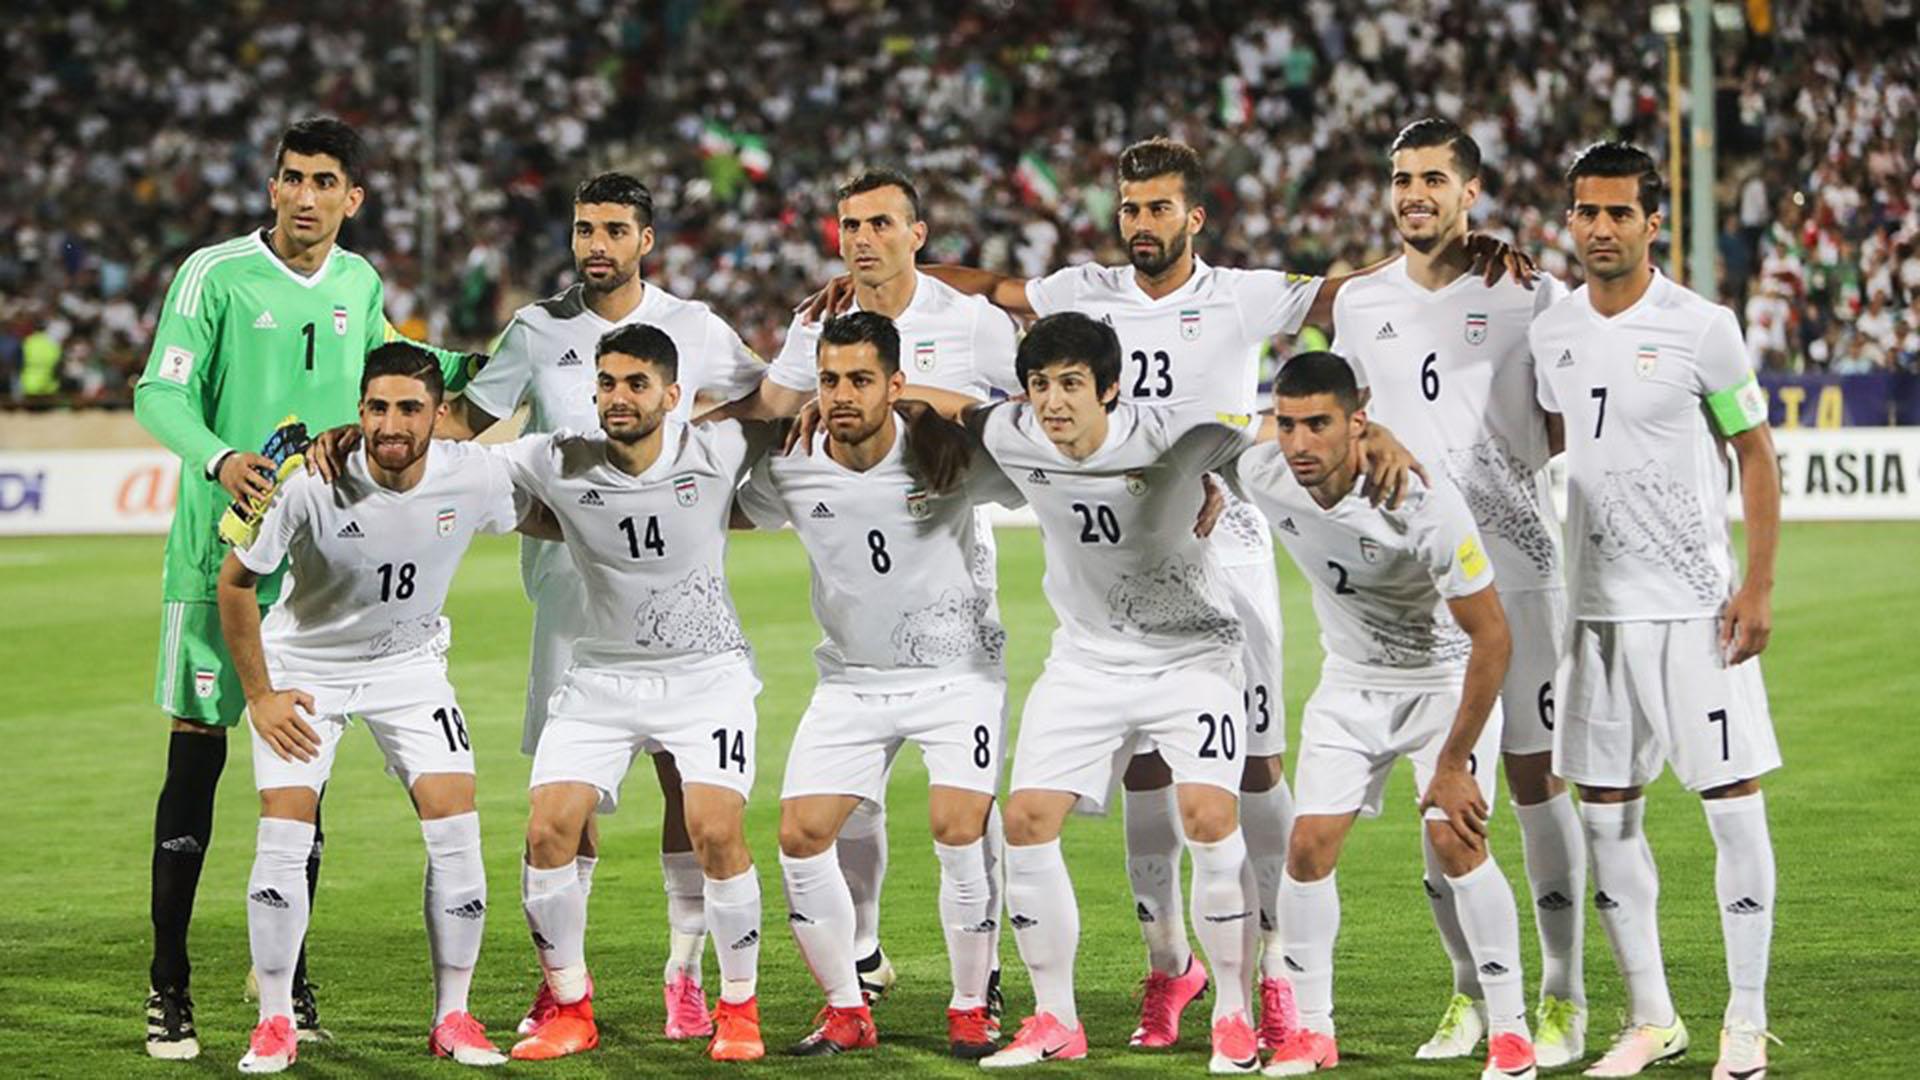 Con un promedio de edad de 26 años, el valor de Irán es de 50,67 millones de dólares